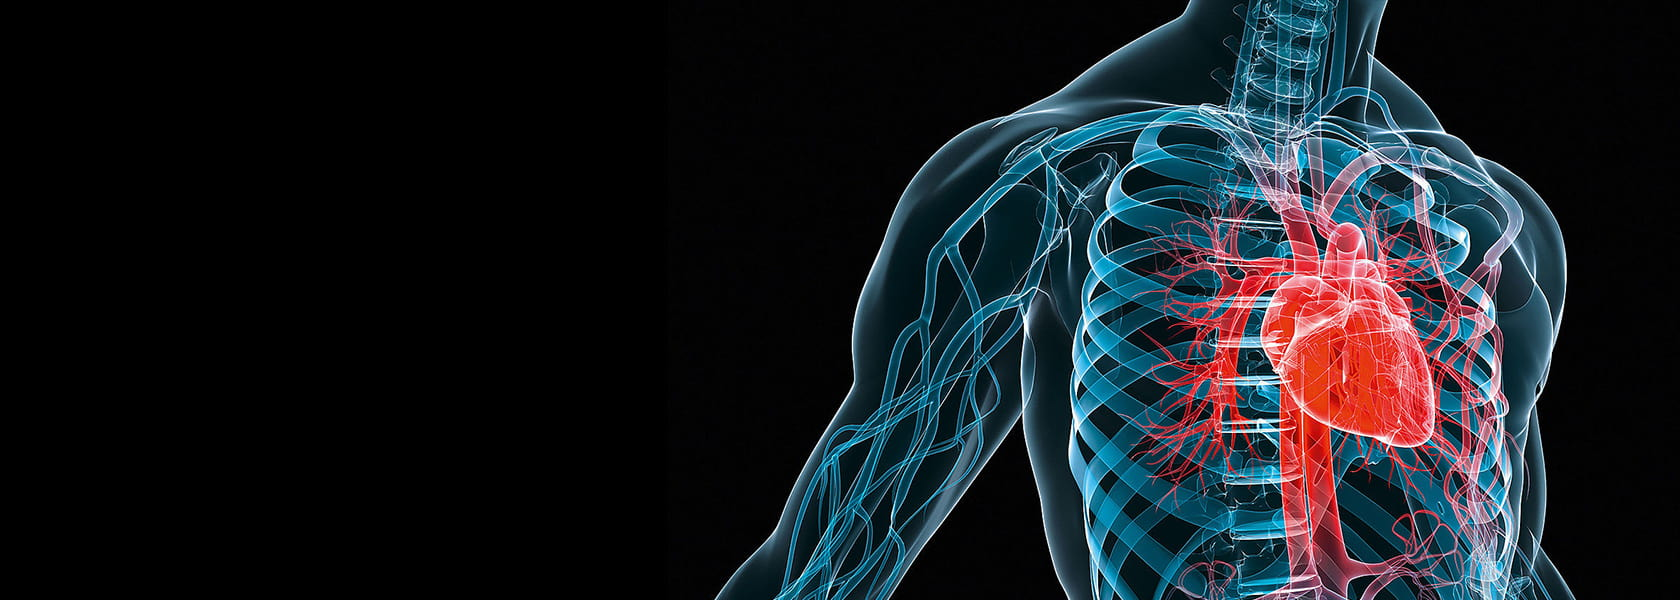 Инструменты и оборудование для сердечно-сосудистой хирургии от KLS Martin